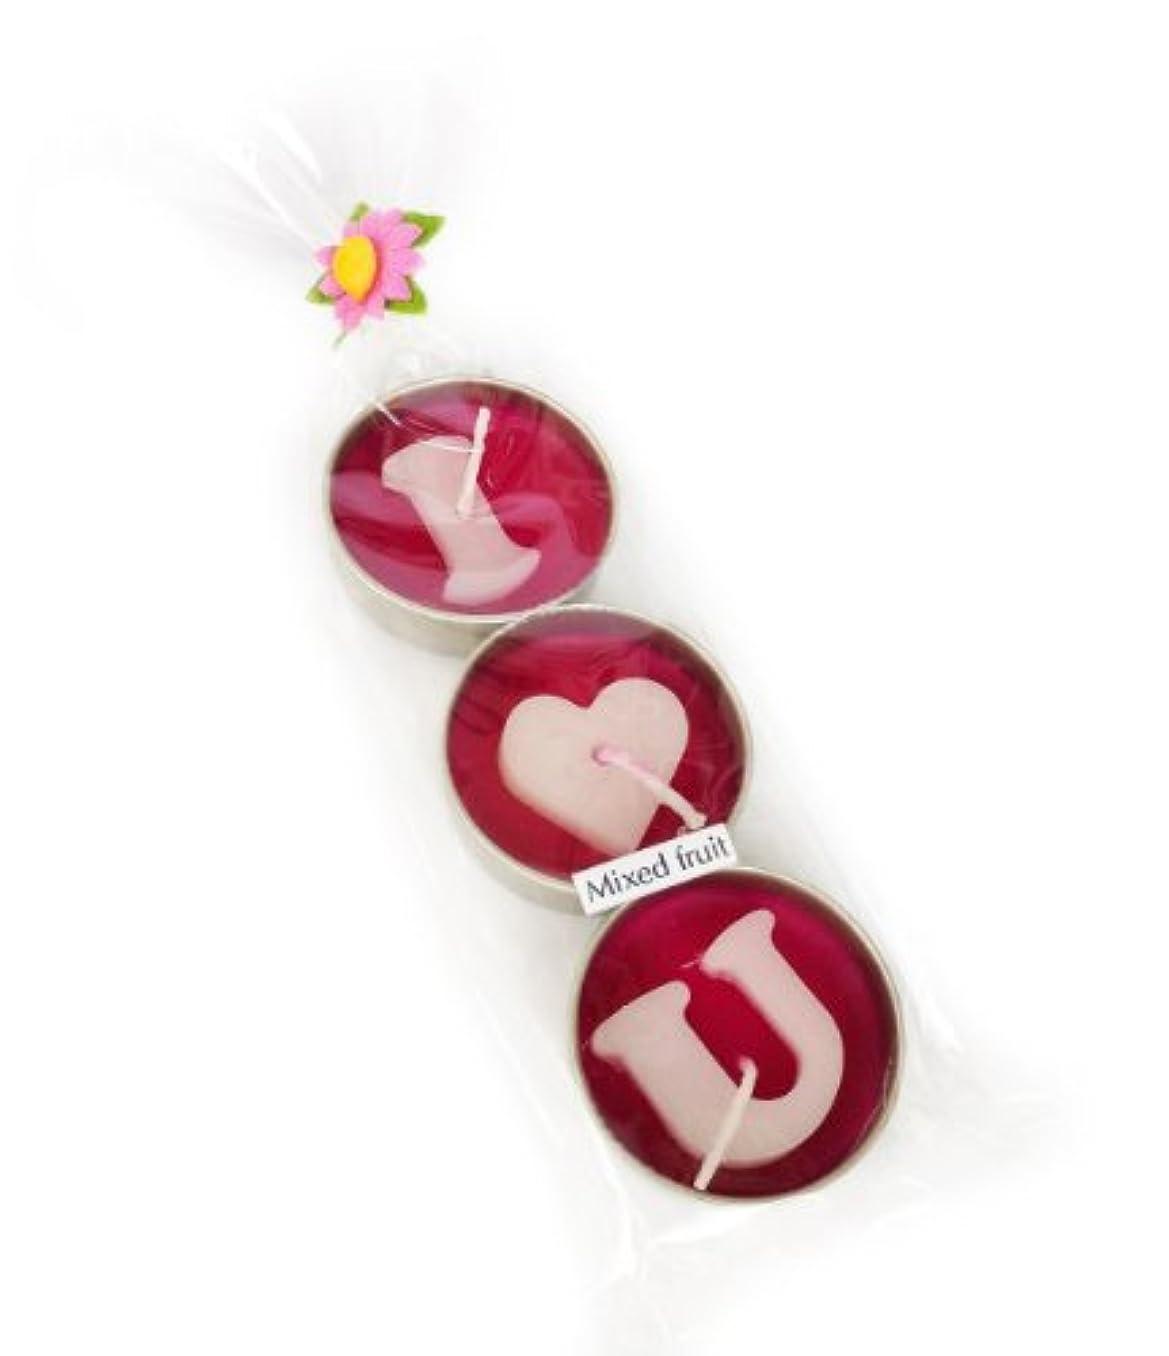 文明化管理者流行アロマキャンドル/ラブキャンドル/ILoveU/モーク/ロウソク/ろうそ/1パック3個入り/(1Pack  3pc I love U Candle) (Mixed Fruit)